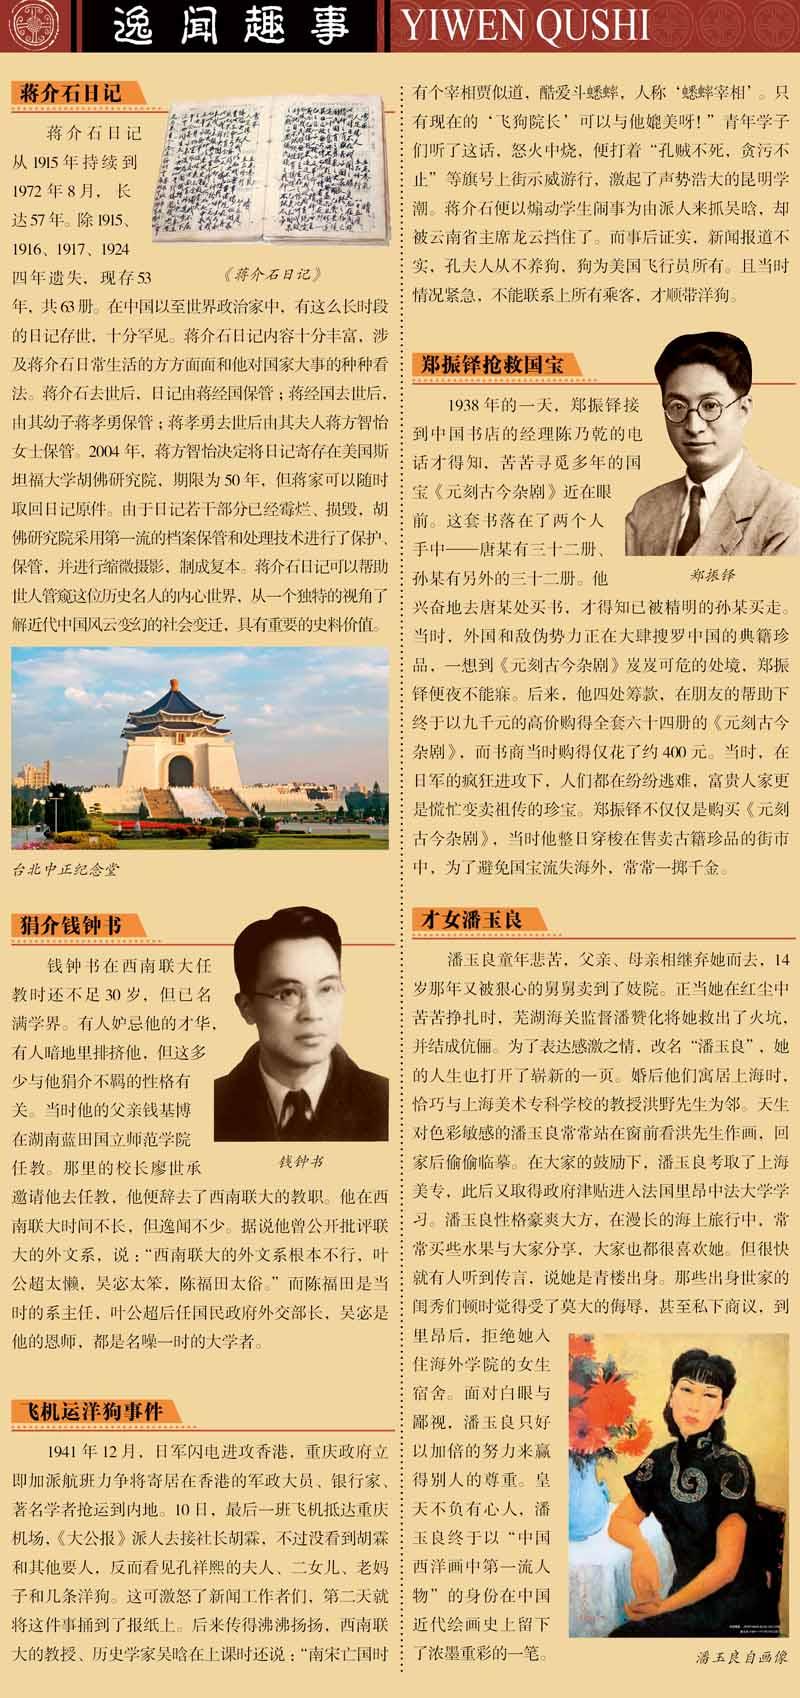 中华民国历史简介 中华民国历史大年表